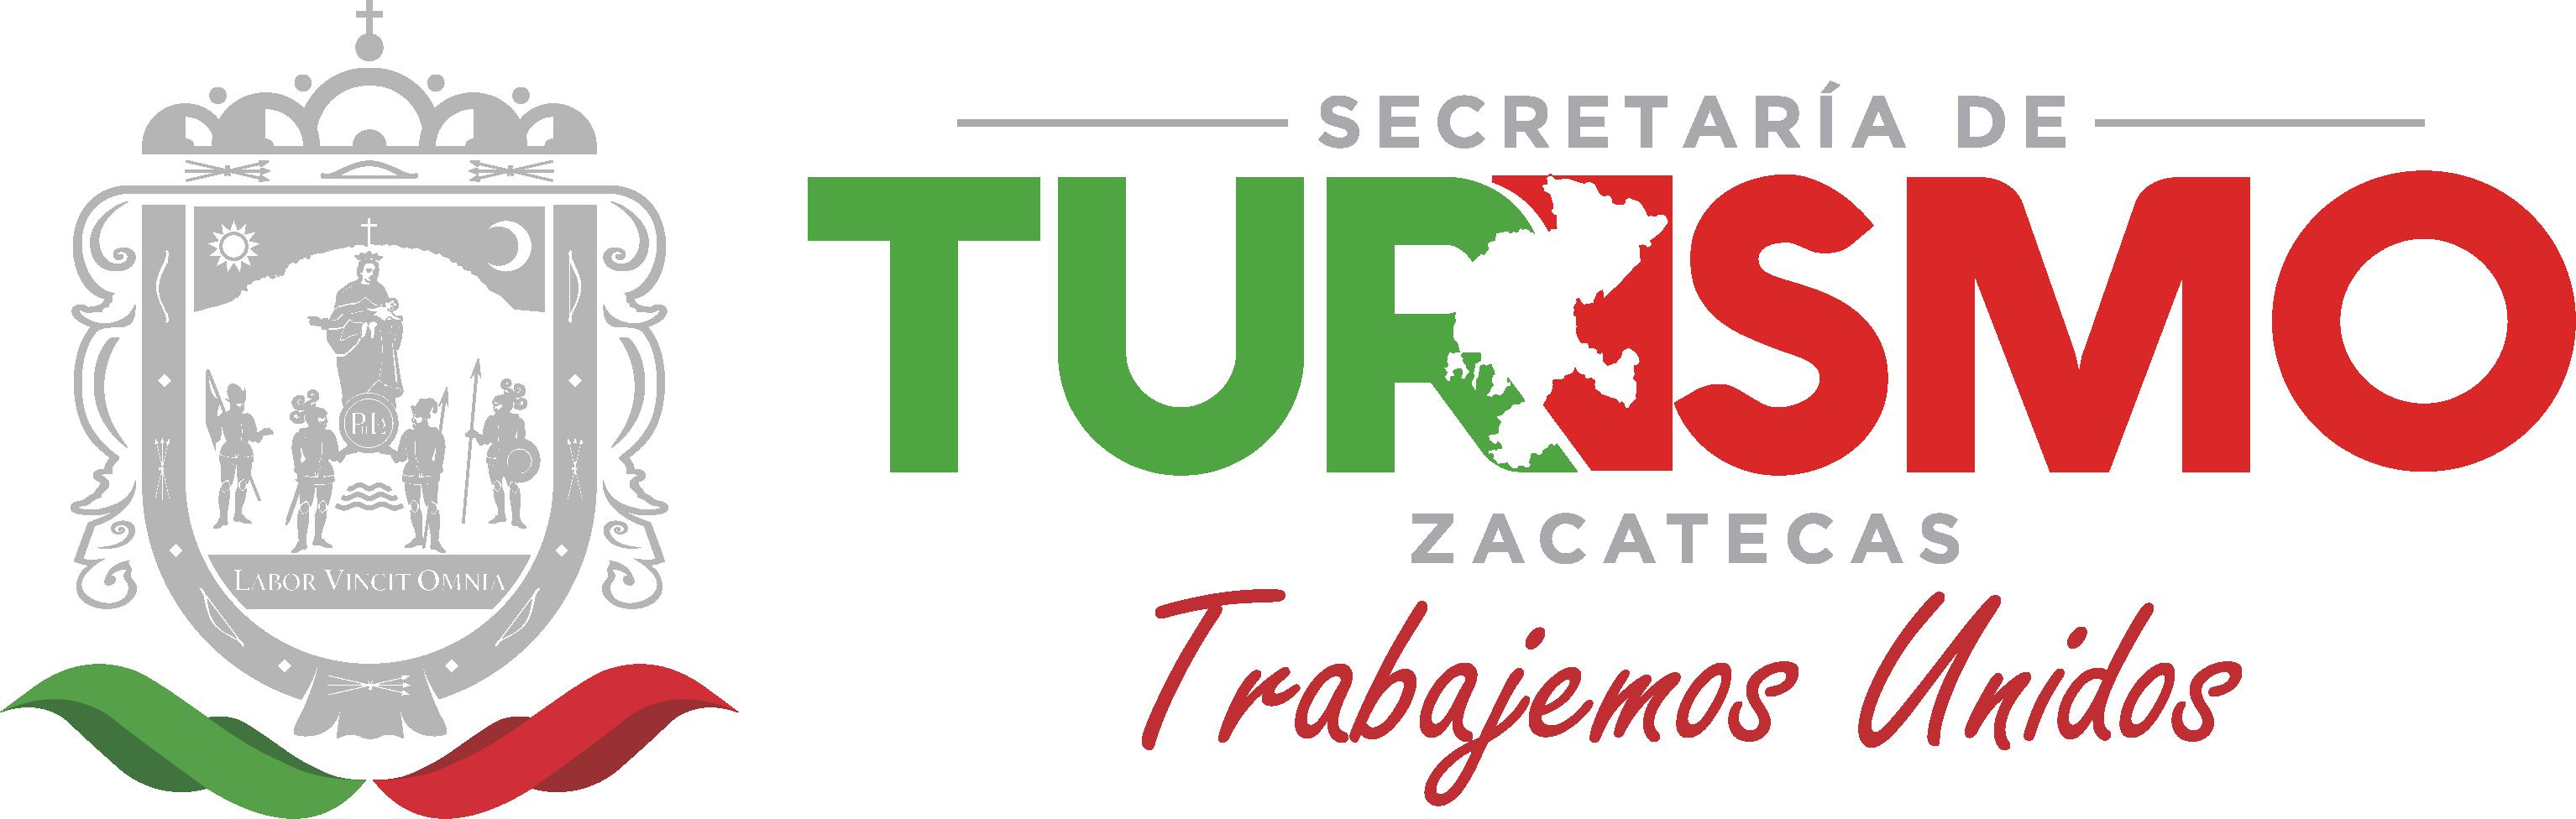 Secretaría de Turismo Zacatecas